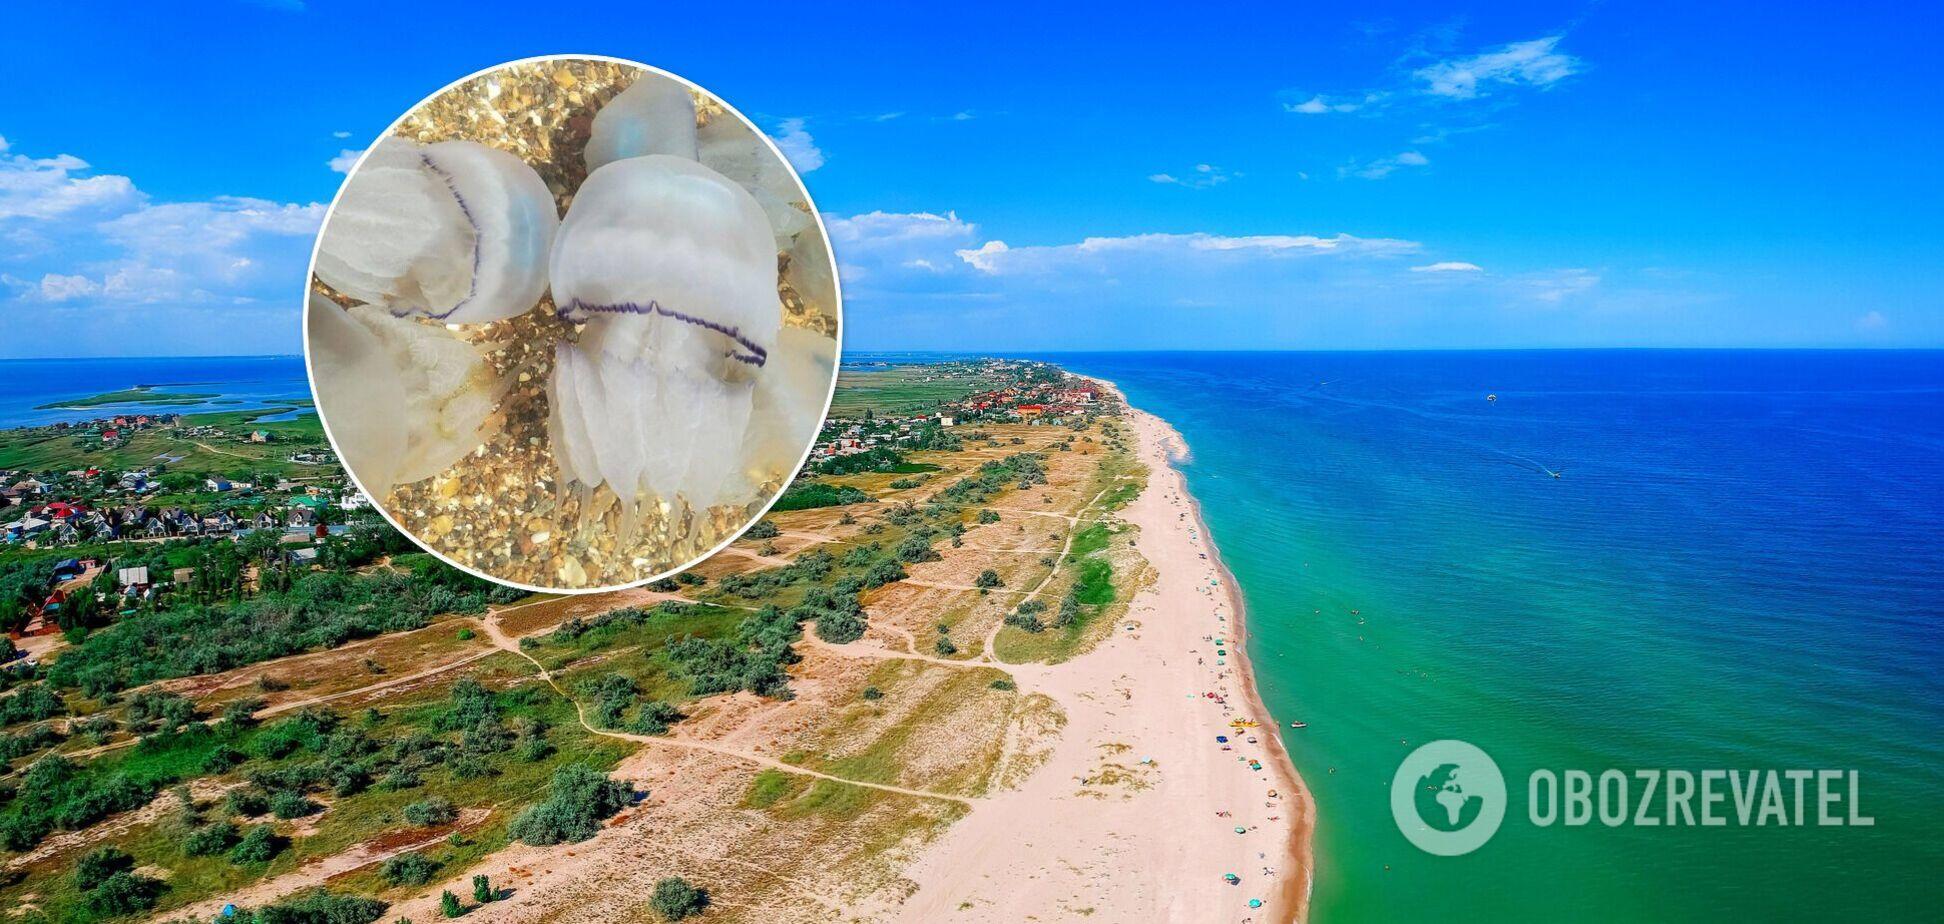 Городские власти Бердянска не будут убирать медуз с берега – это естественный процесс. Эксклюзивные подробности